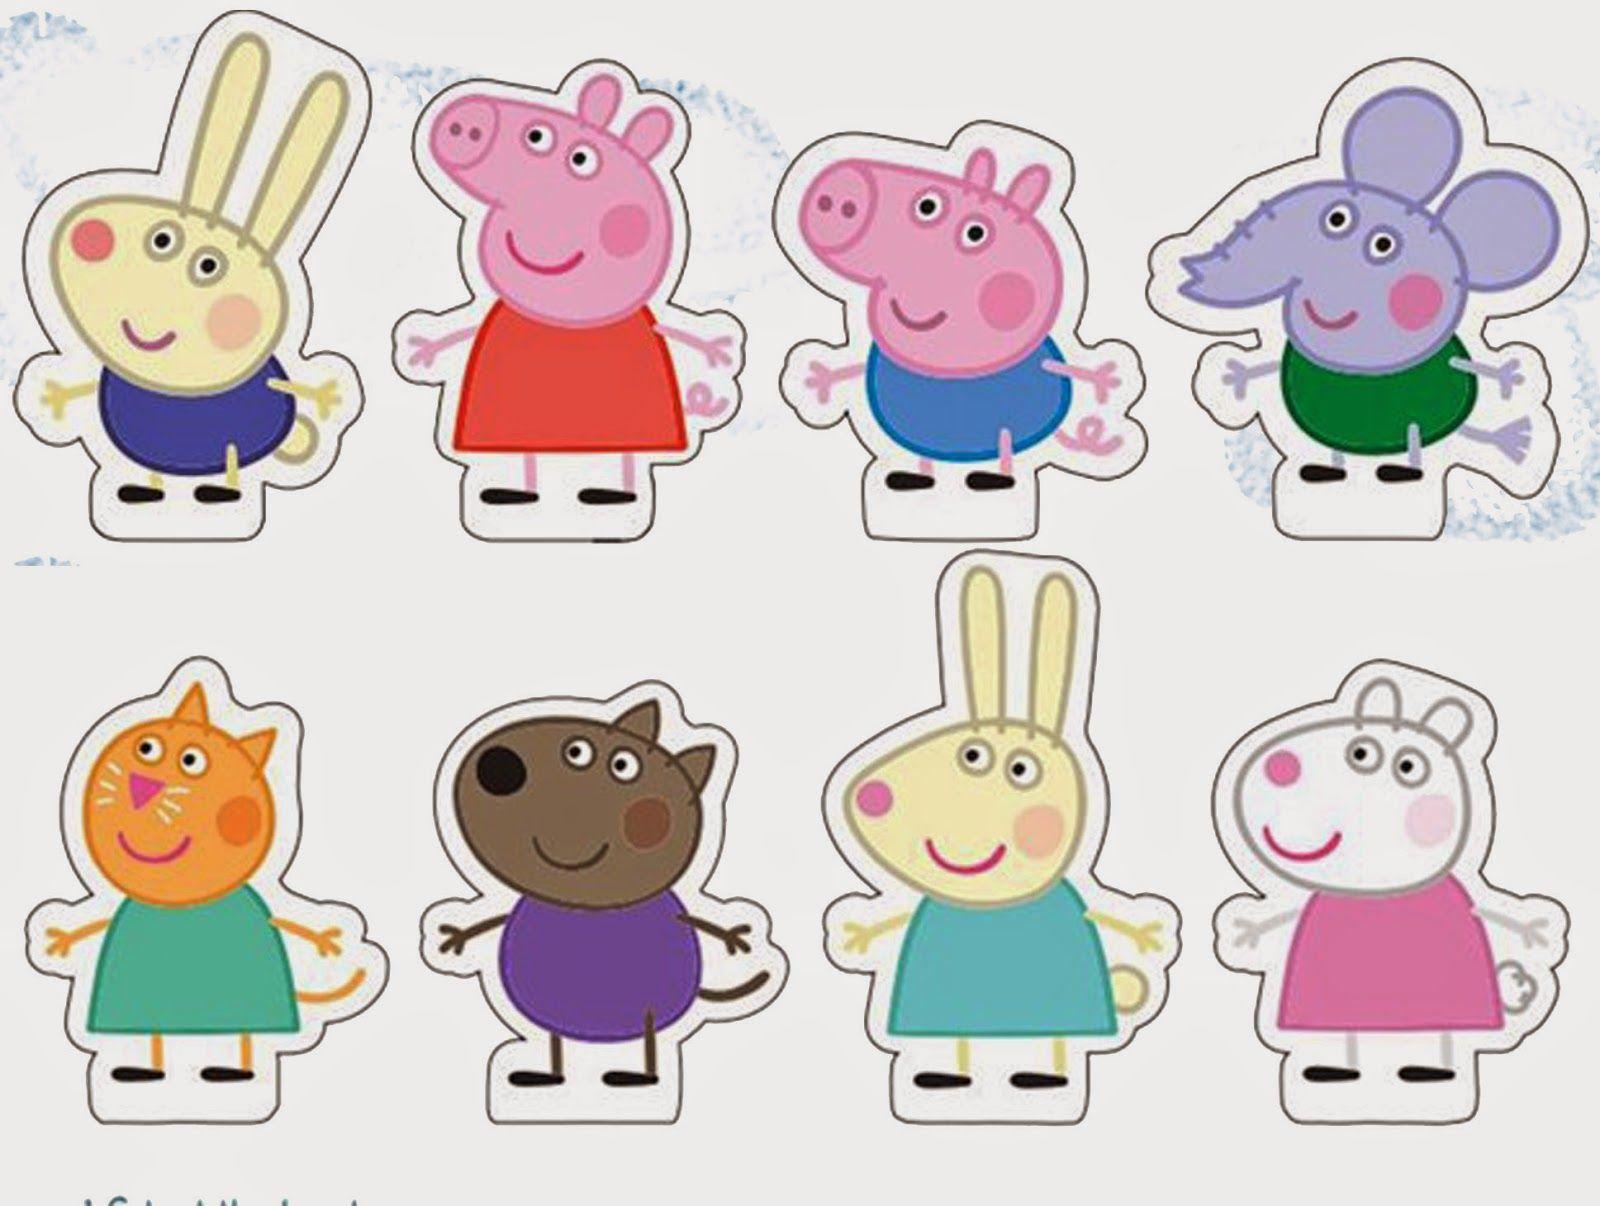 Adesivo Kombi Geladeira ~ arte para impress u00e3o Peppa Pig e amigos Ideias festa Peppa George Pinterest Geburtstage und